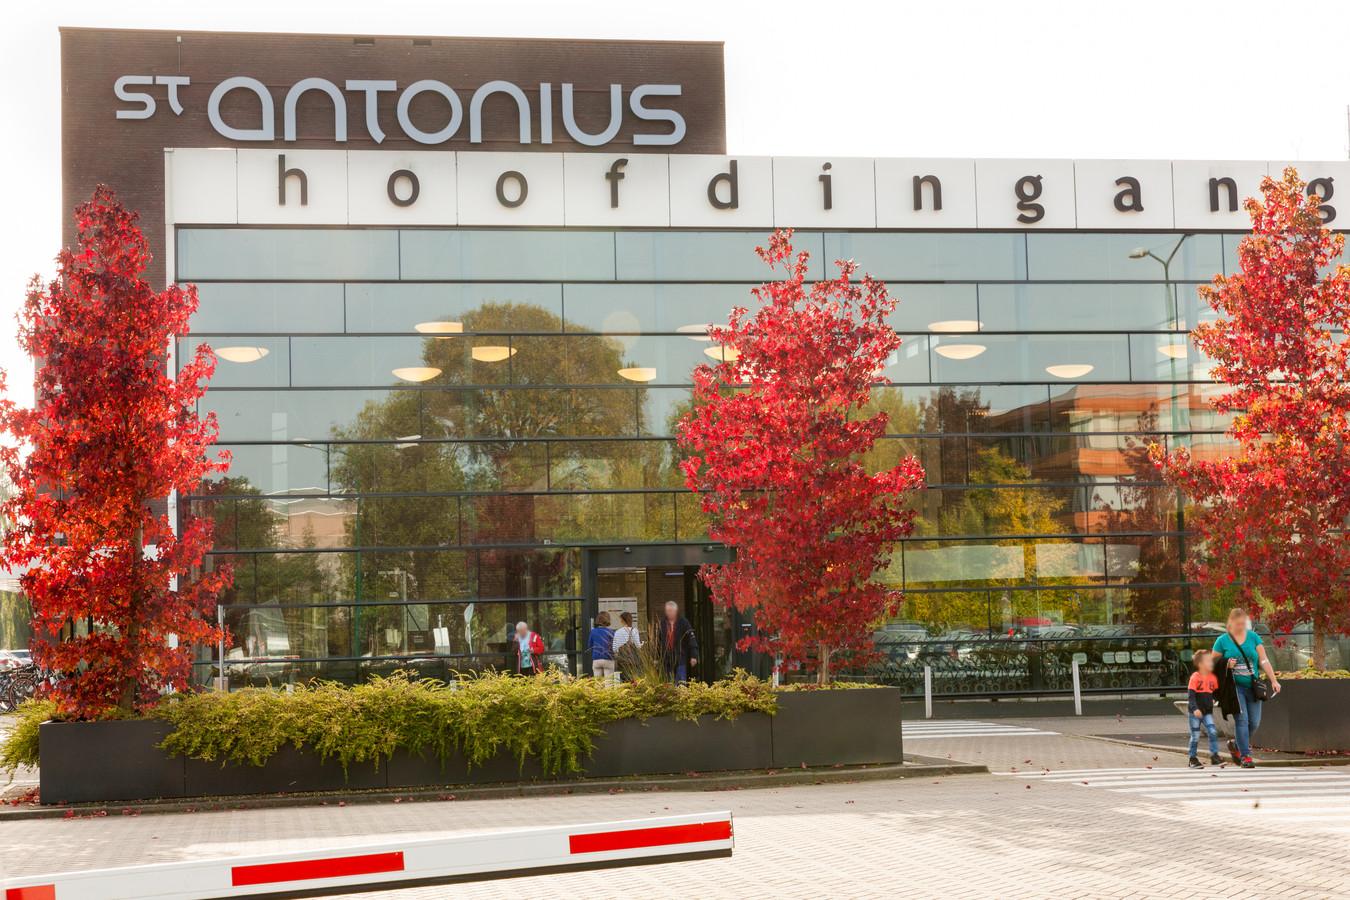 De entree van het St. Antonius ziekenhuis in Woerden